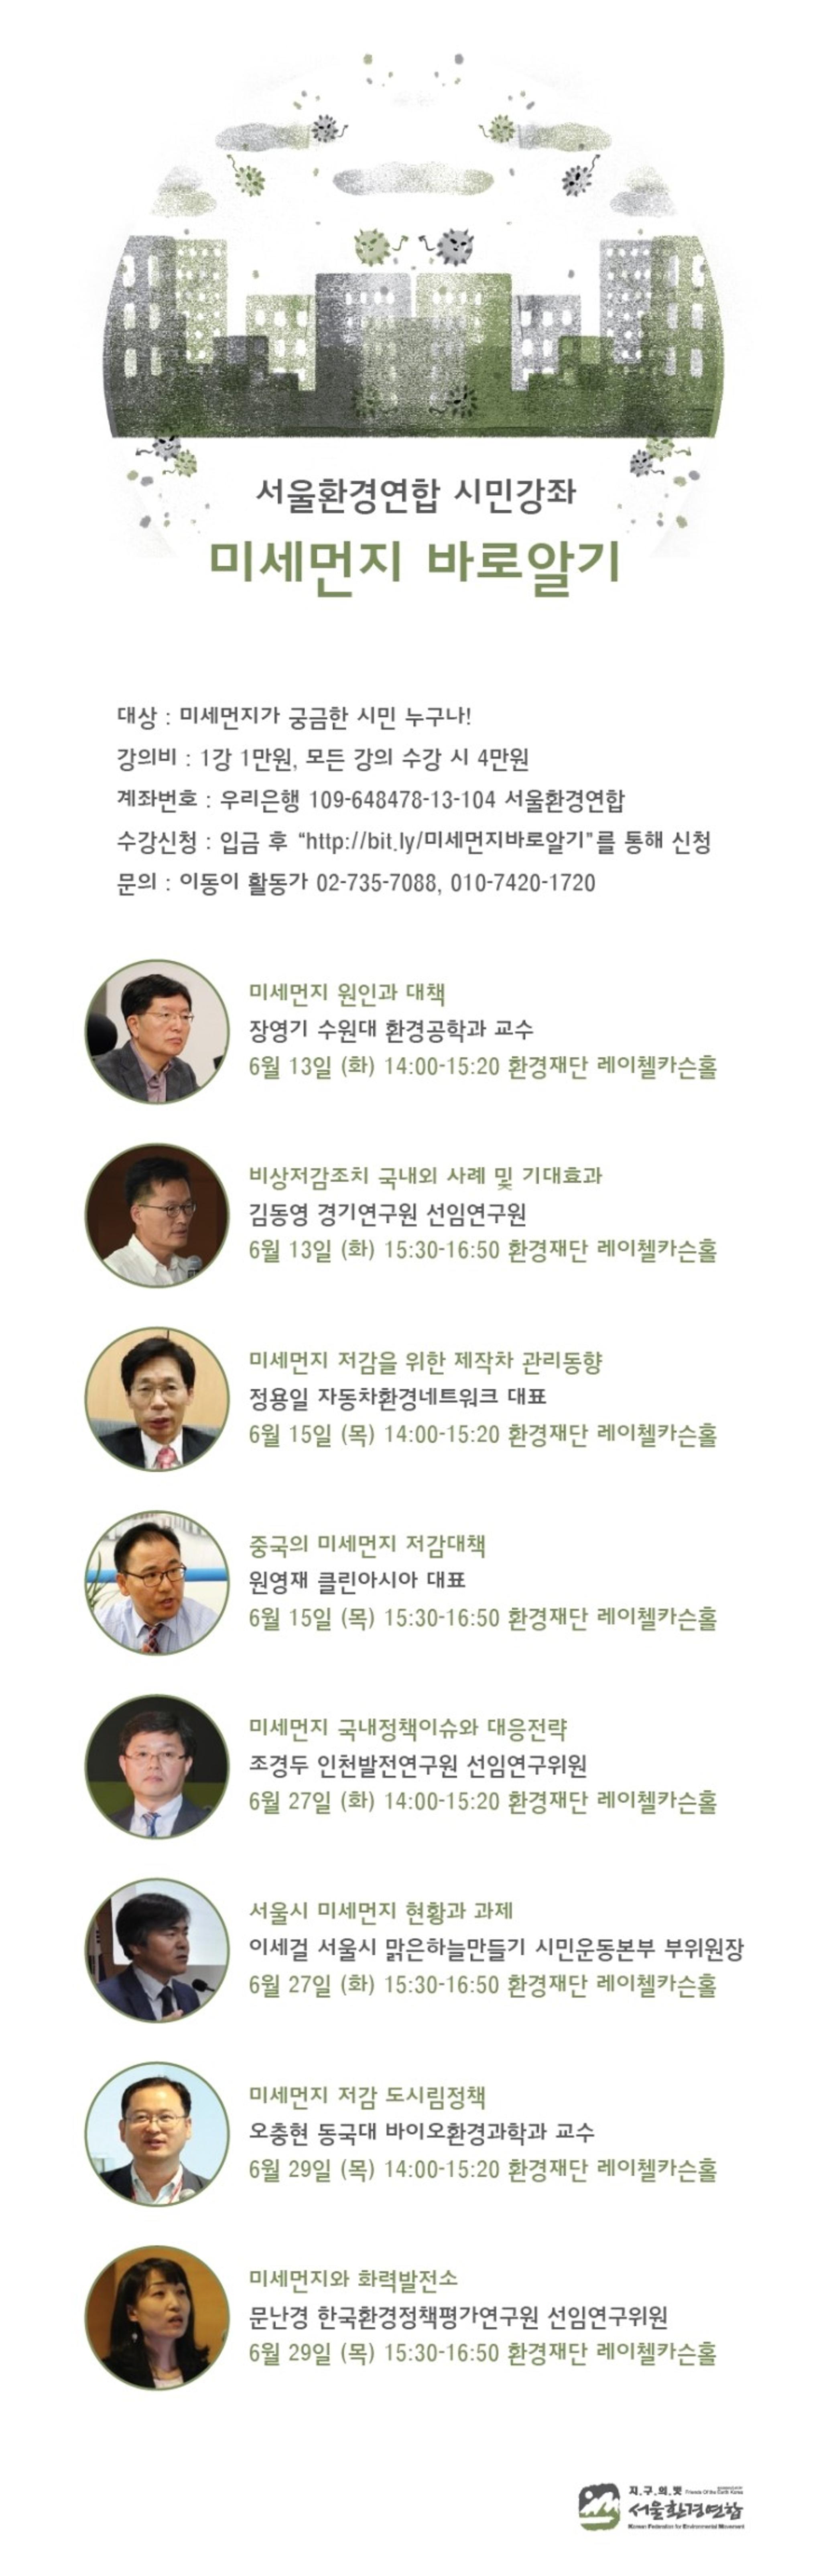 """[서울환경운동연합] """"미세먼지 바로알기"""" 시민강좌"""